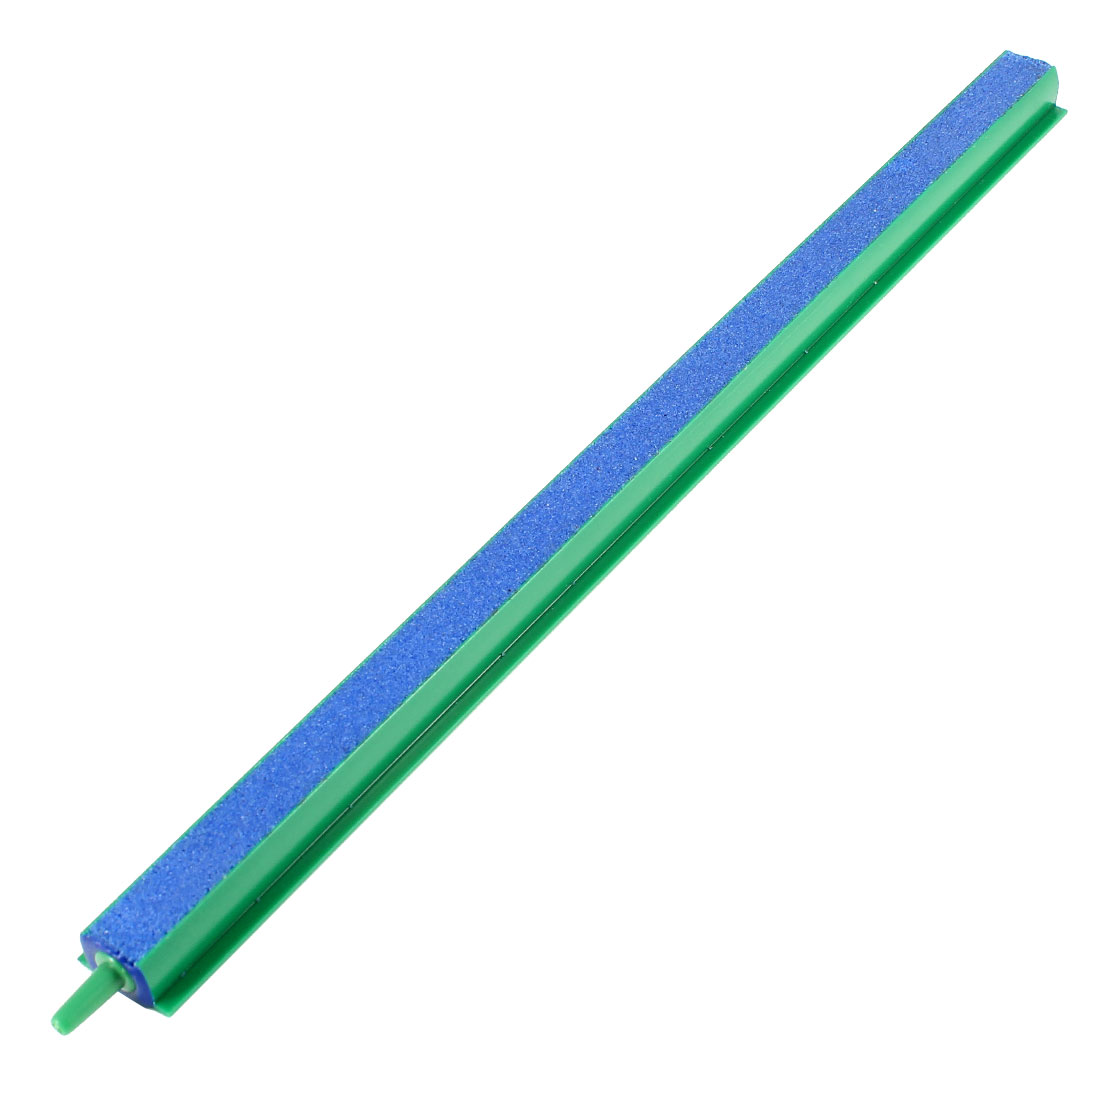 Plastique Vert Connecteur End Bleu Bulleur Barre 30cm pour Aquarium